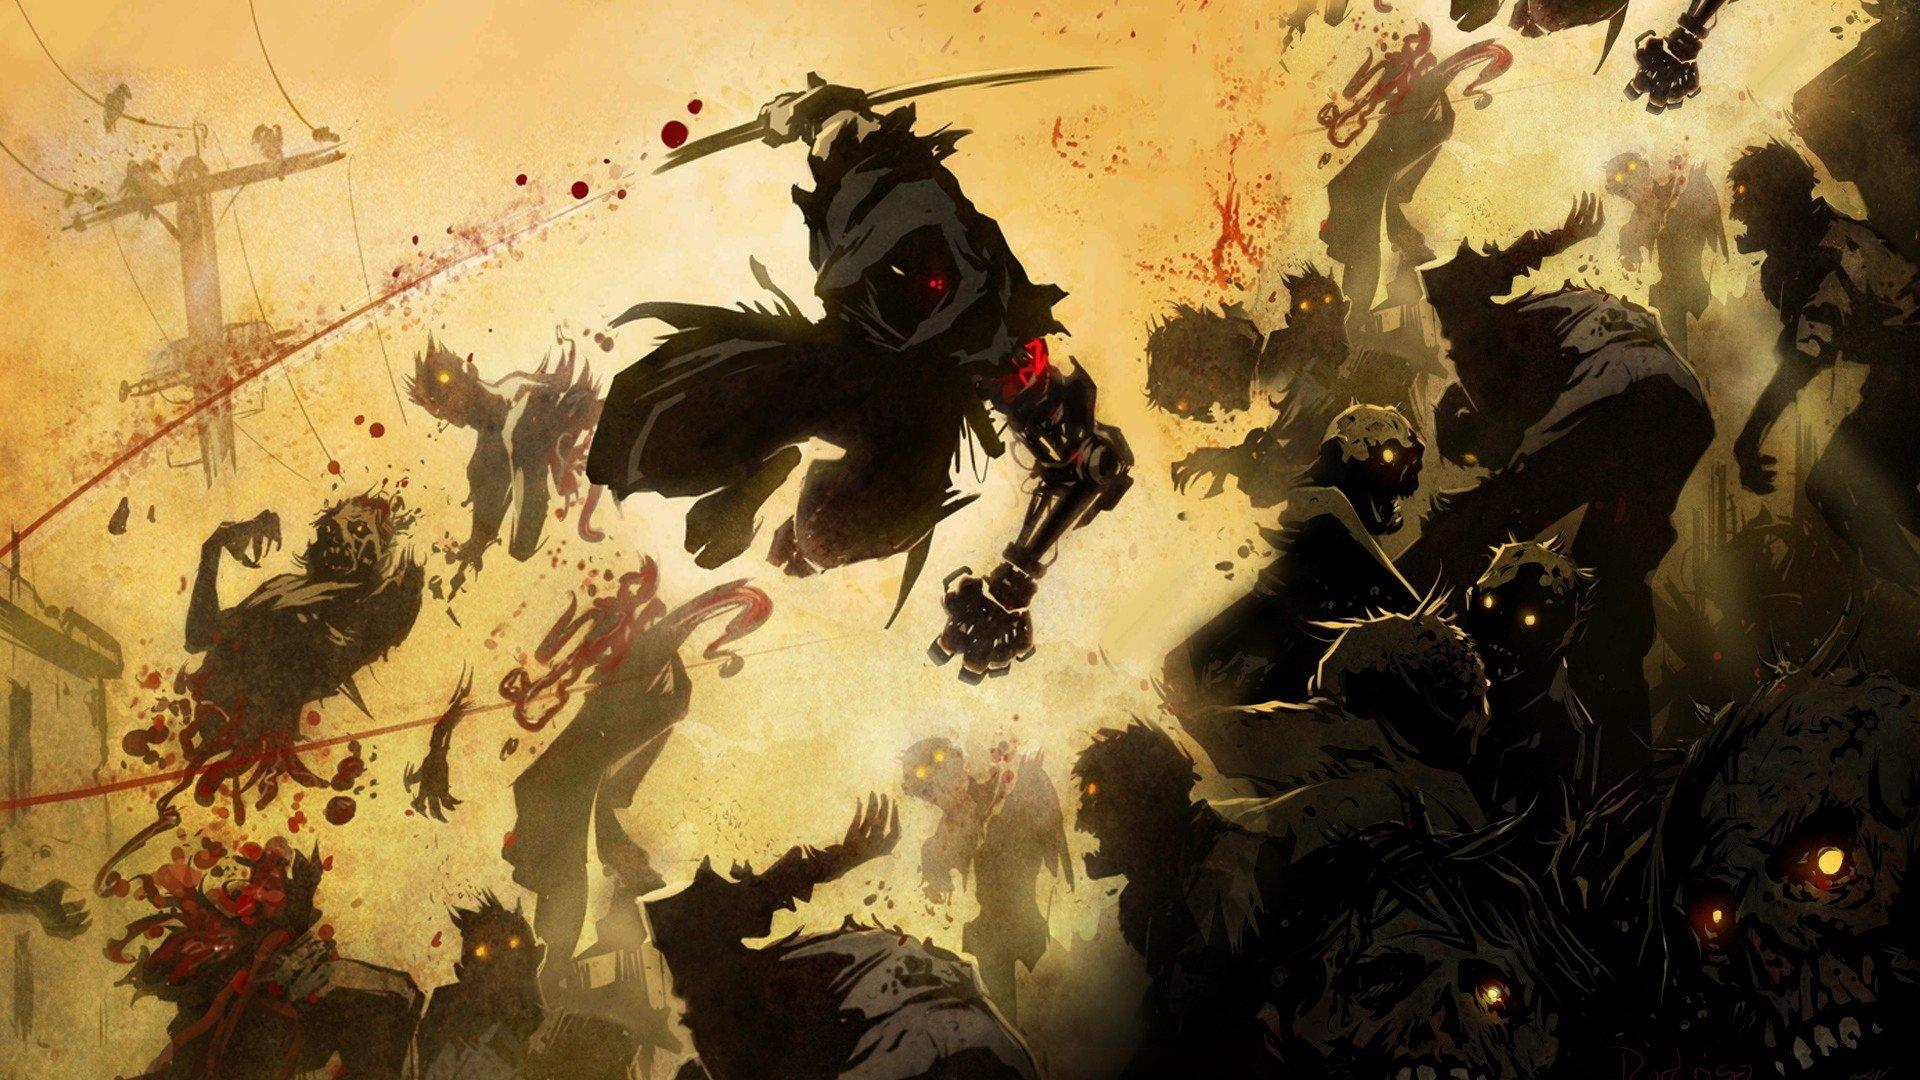 Yaiba Ninja Gaiden Z Hd Wallpaper Background Image 1920x1080 Id 371716 Wallpaper Abyss